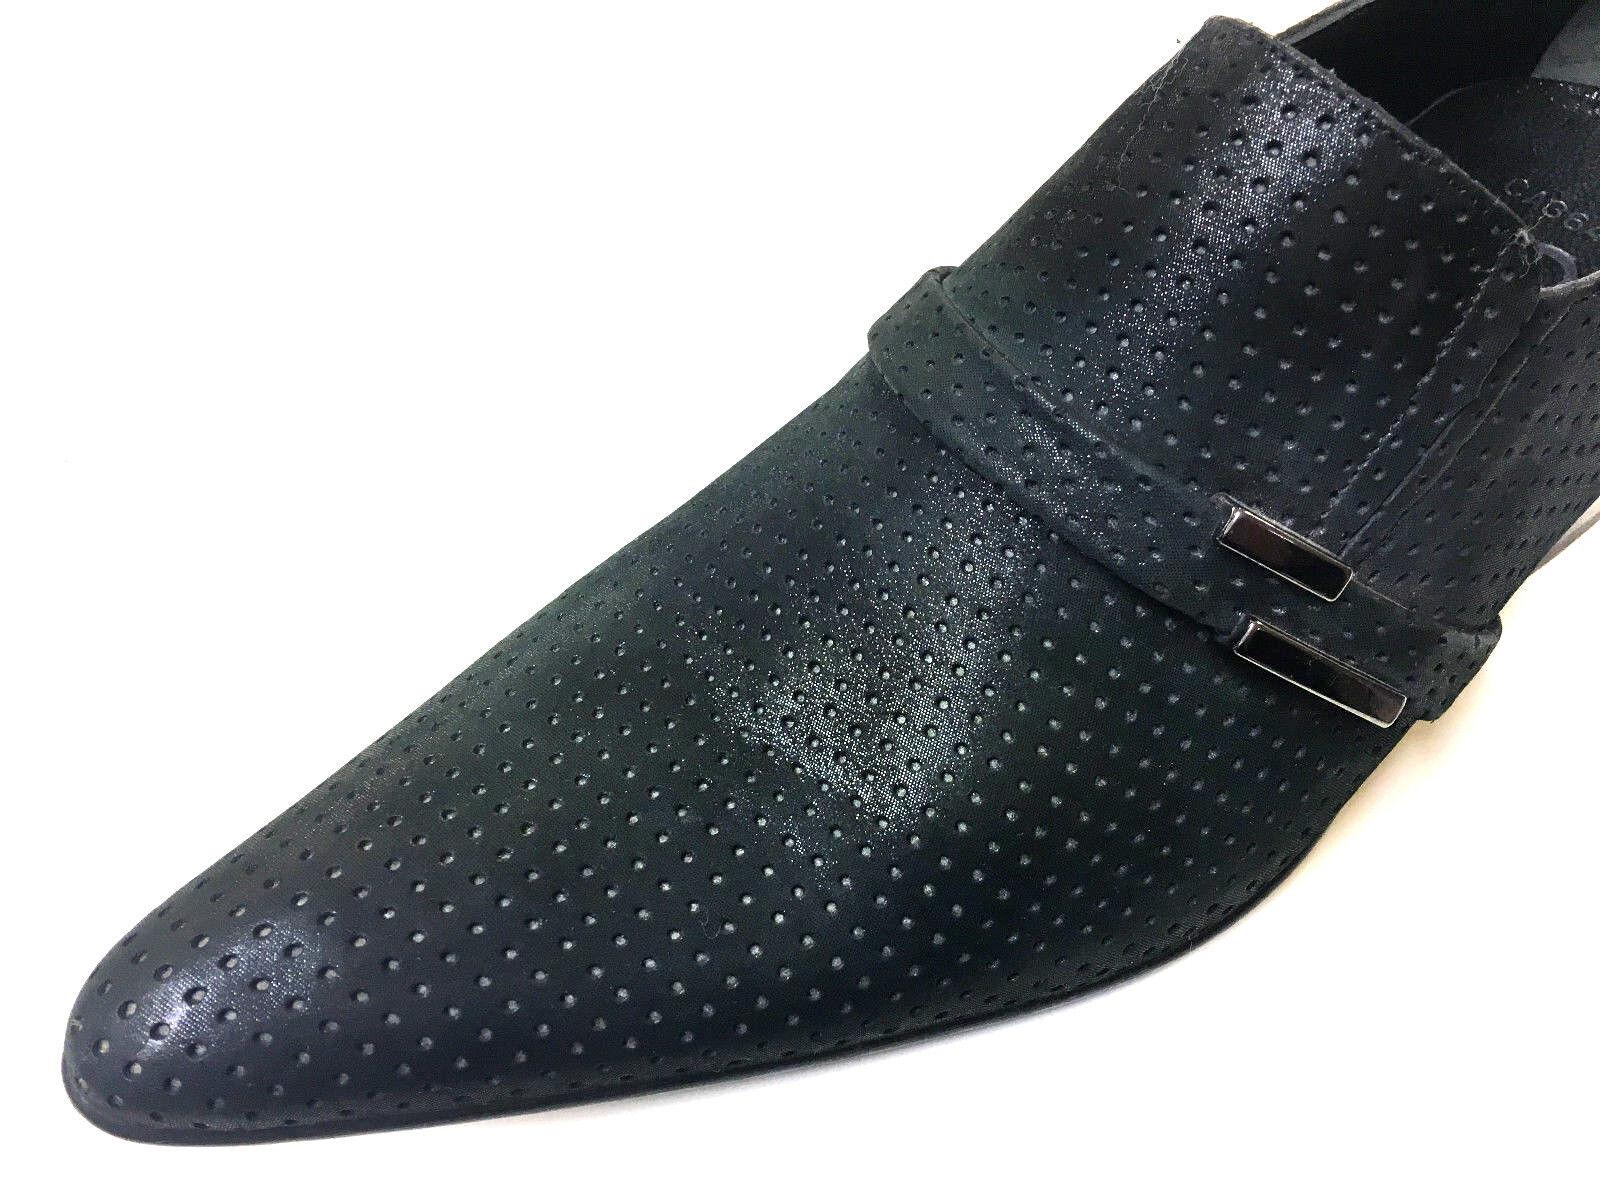 Cuomoscarpe nero ANTRAZIT grigio DESIGN  SLIPPER 39  grande vendita